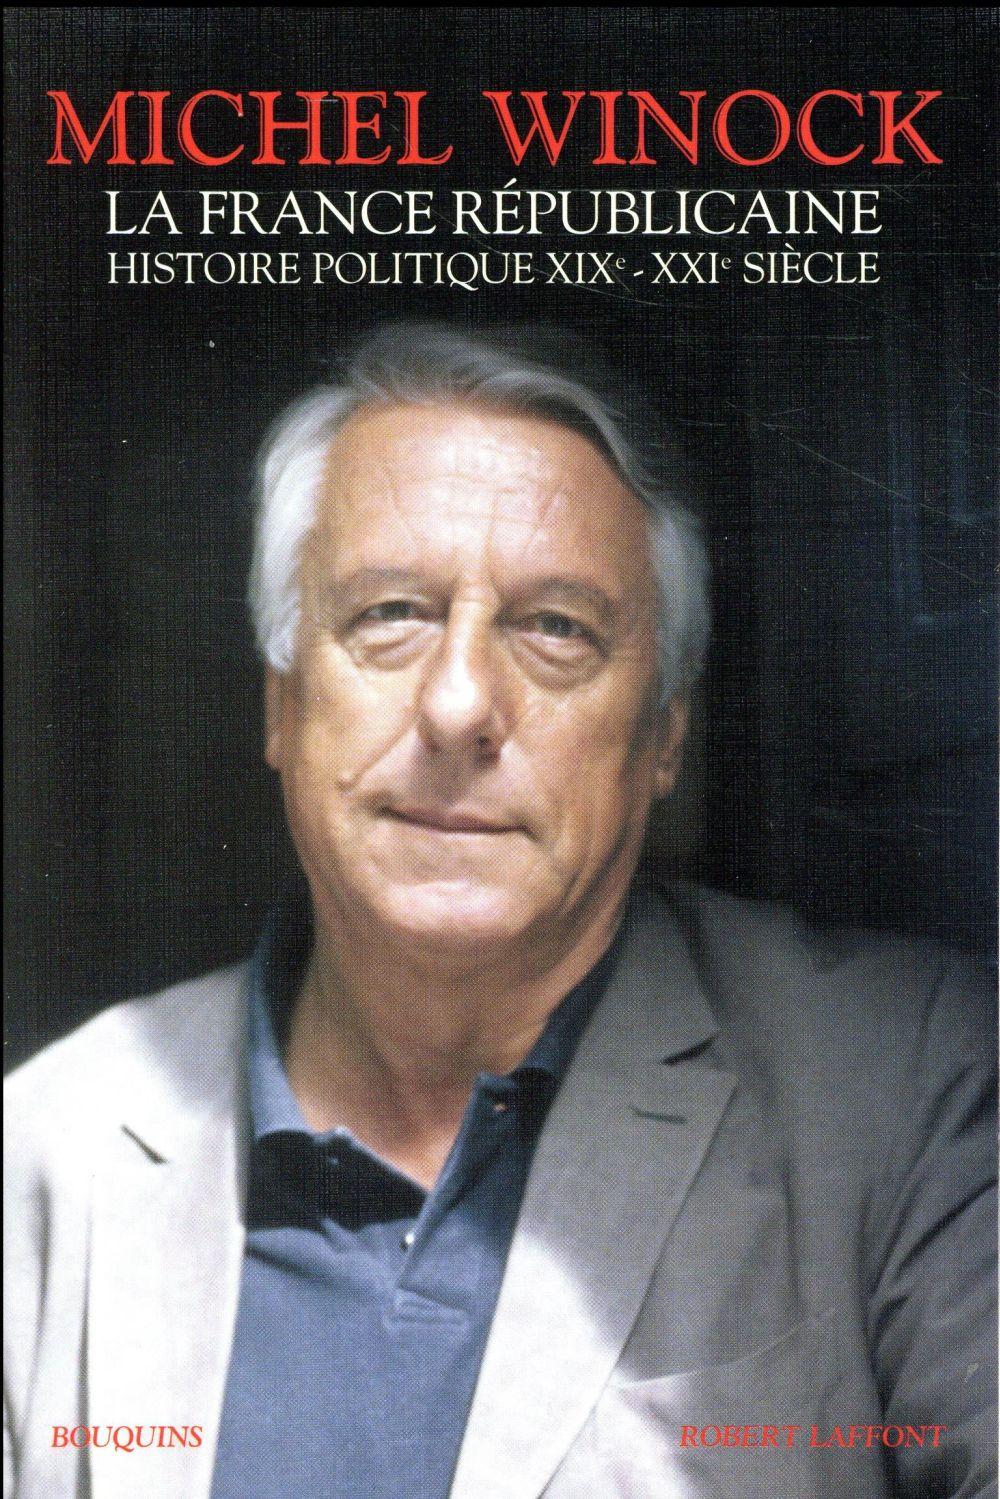 LA FRANCE REPUBLICAINE HISTOIRE POLITIQUE XIX-XXIE SIECLE